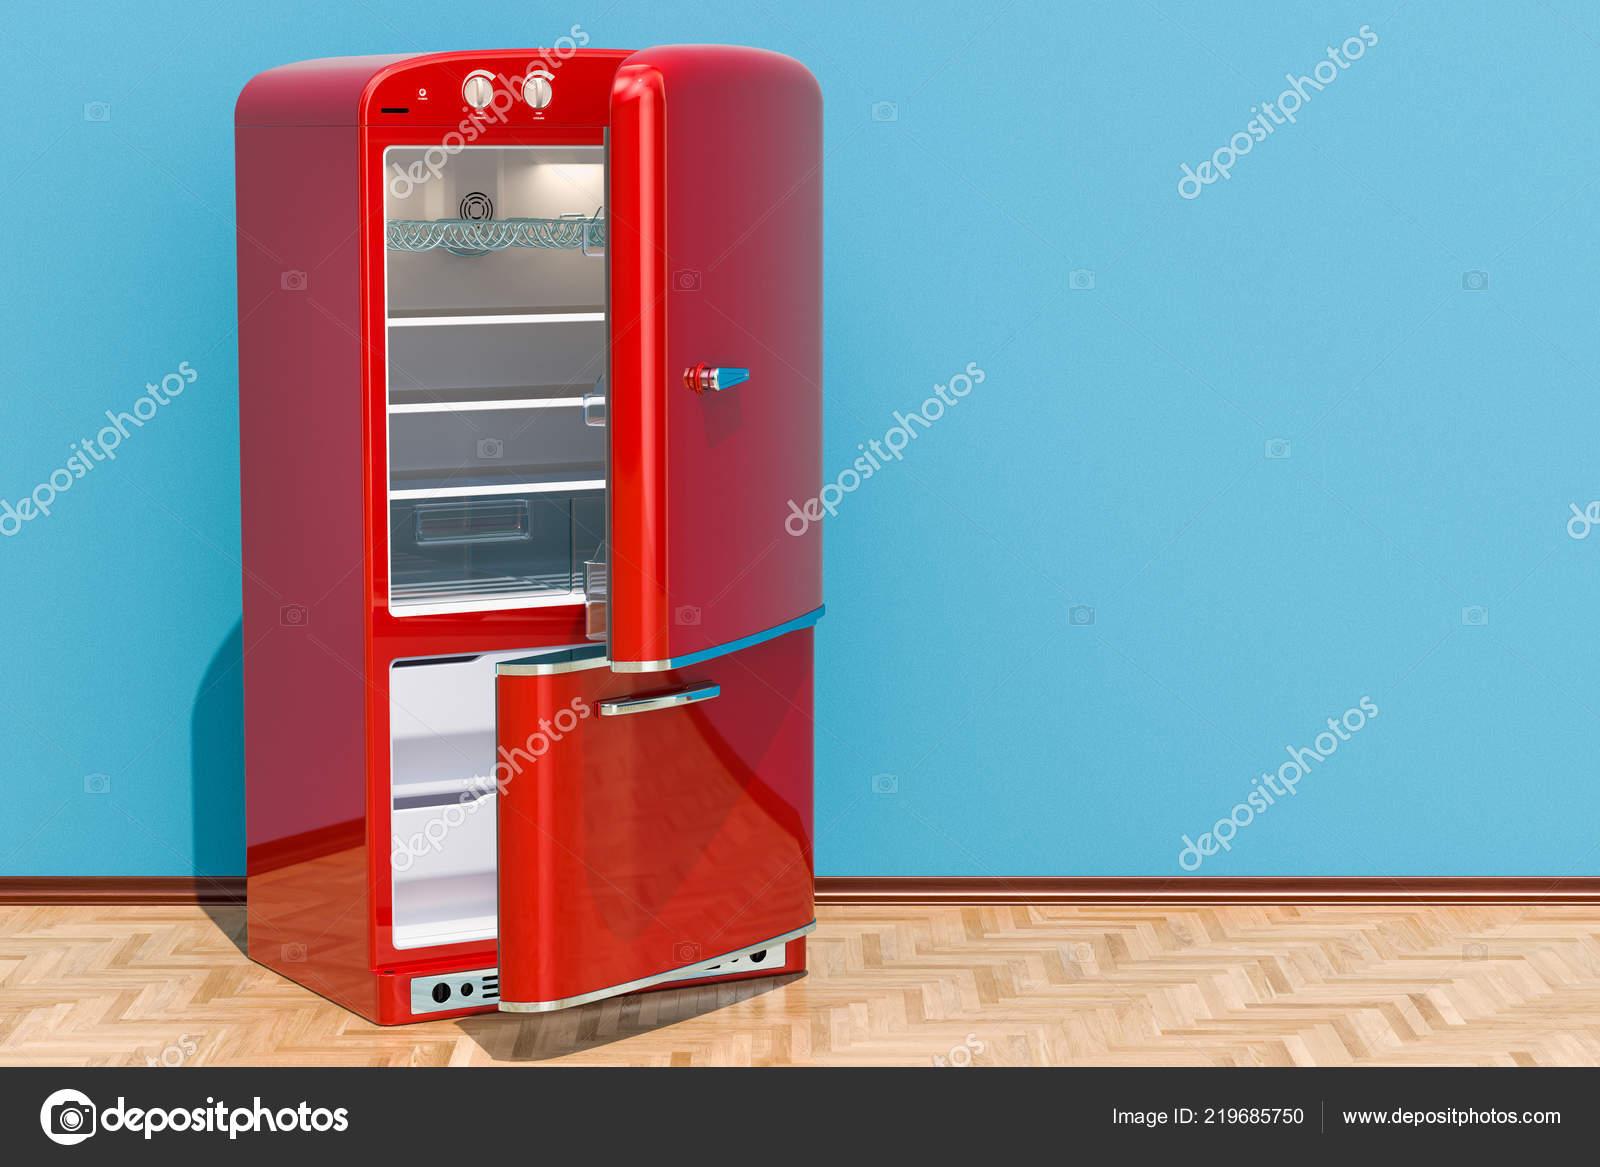 Kühlschrank Usa Retro : Rot kühlschrank retro design zimmer auf dem holzboden rendering